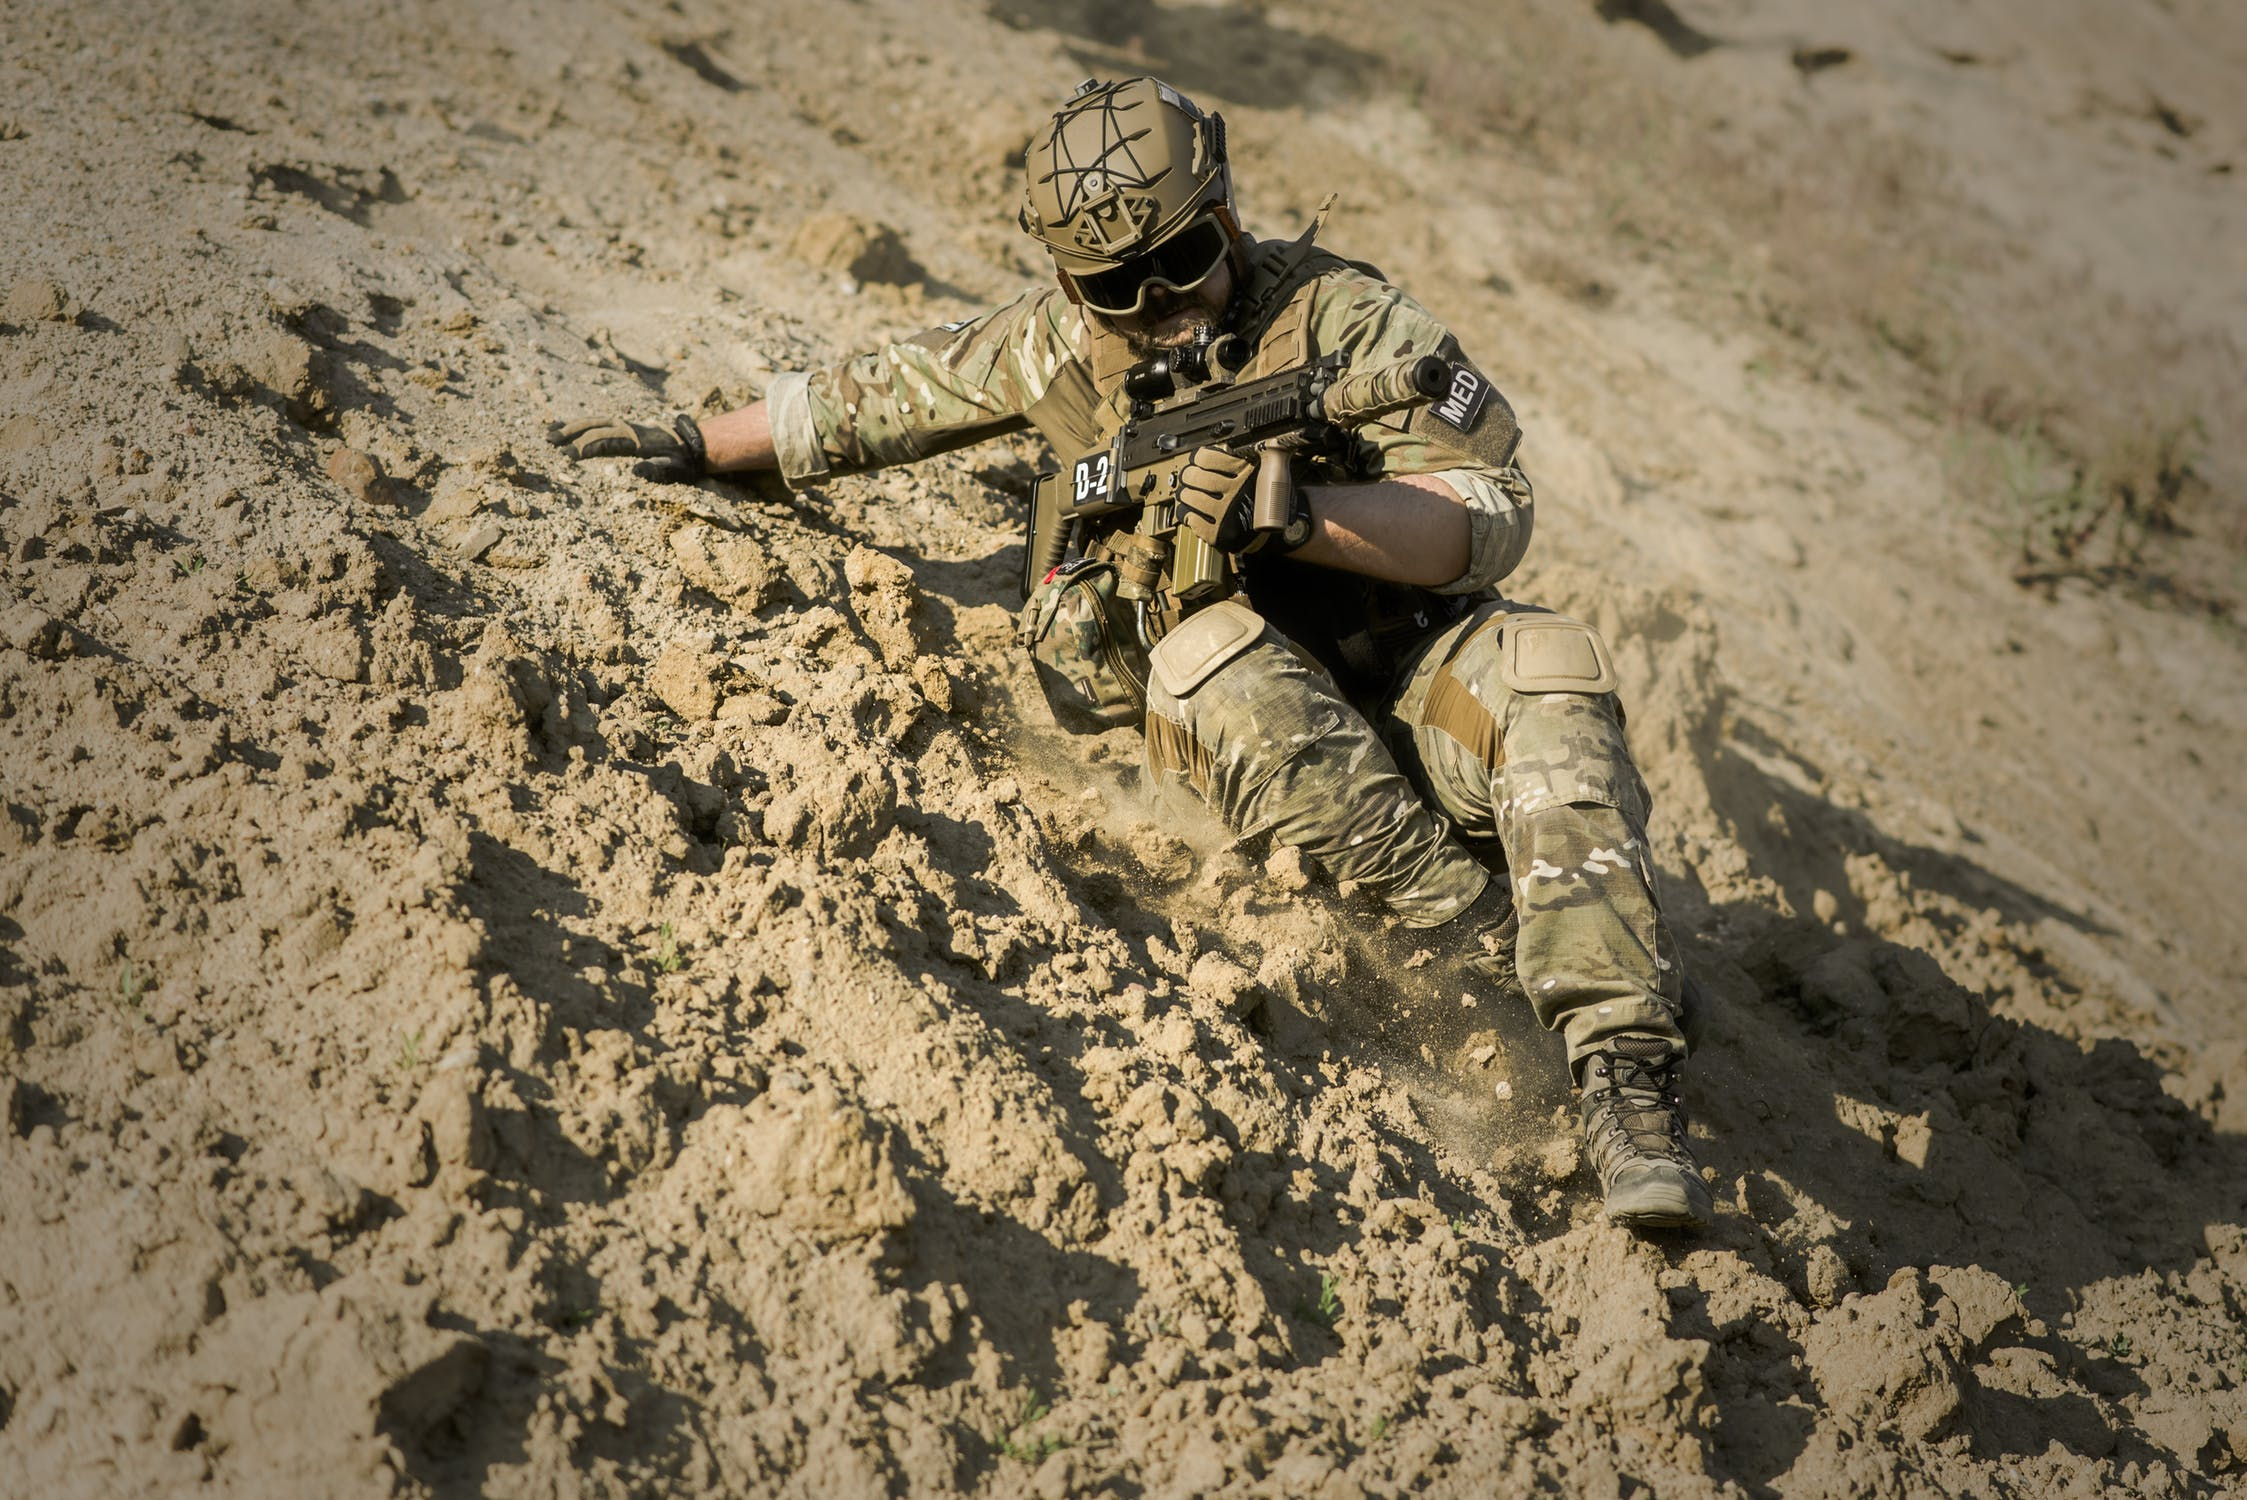 war-desert-guns-gunshow-163410